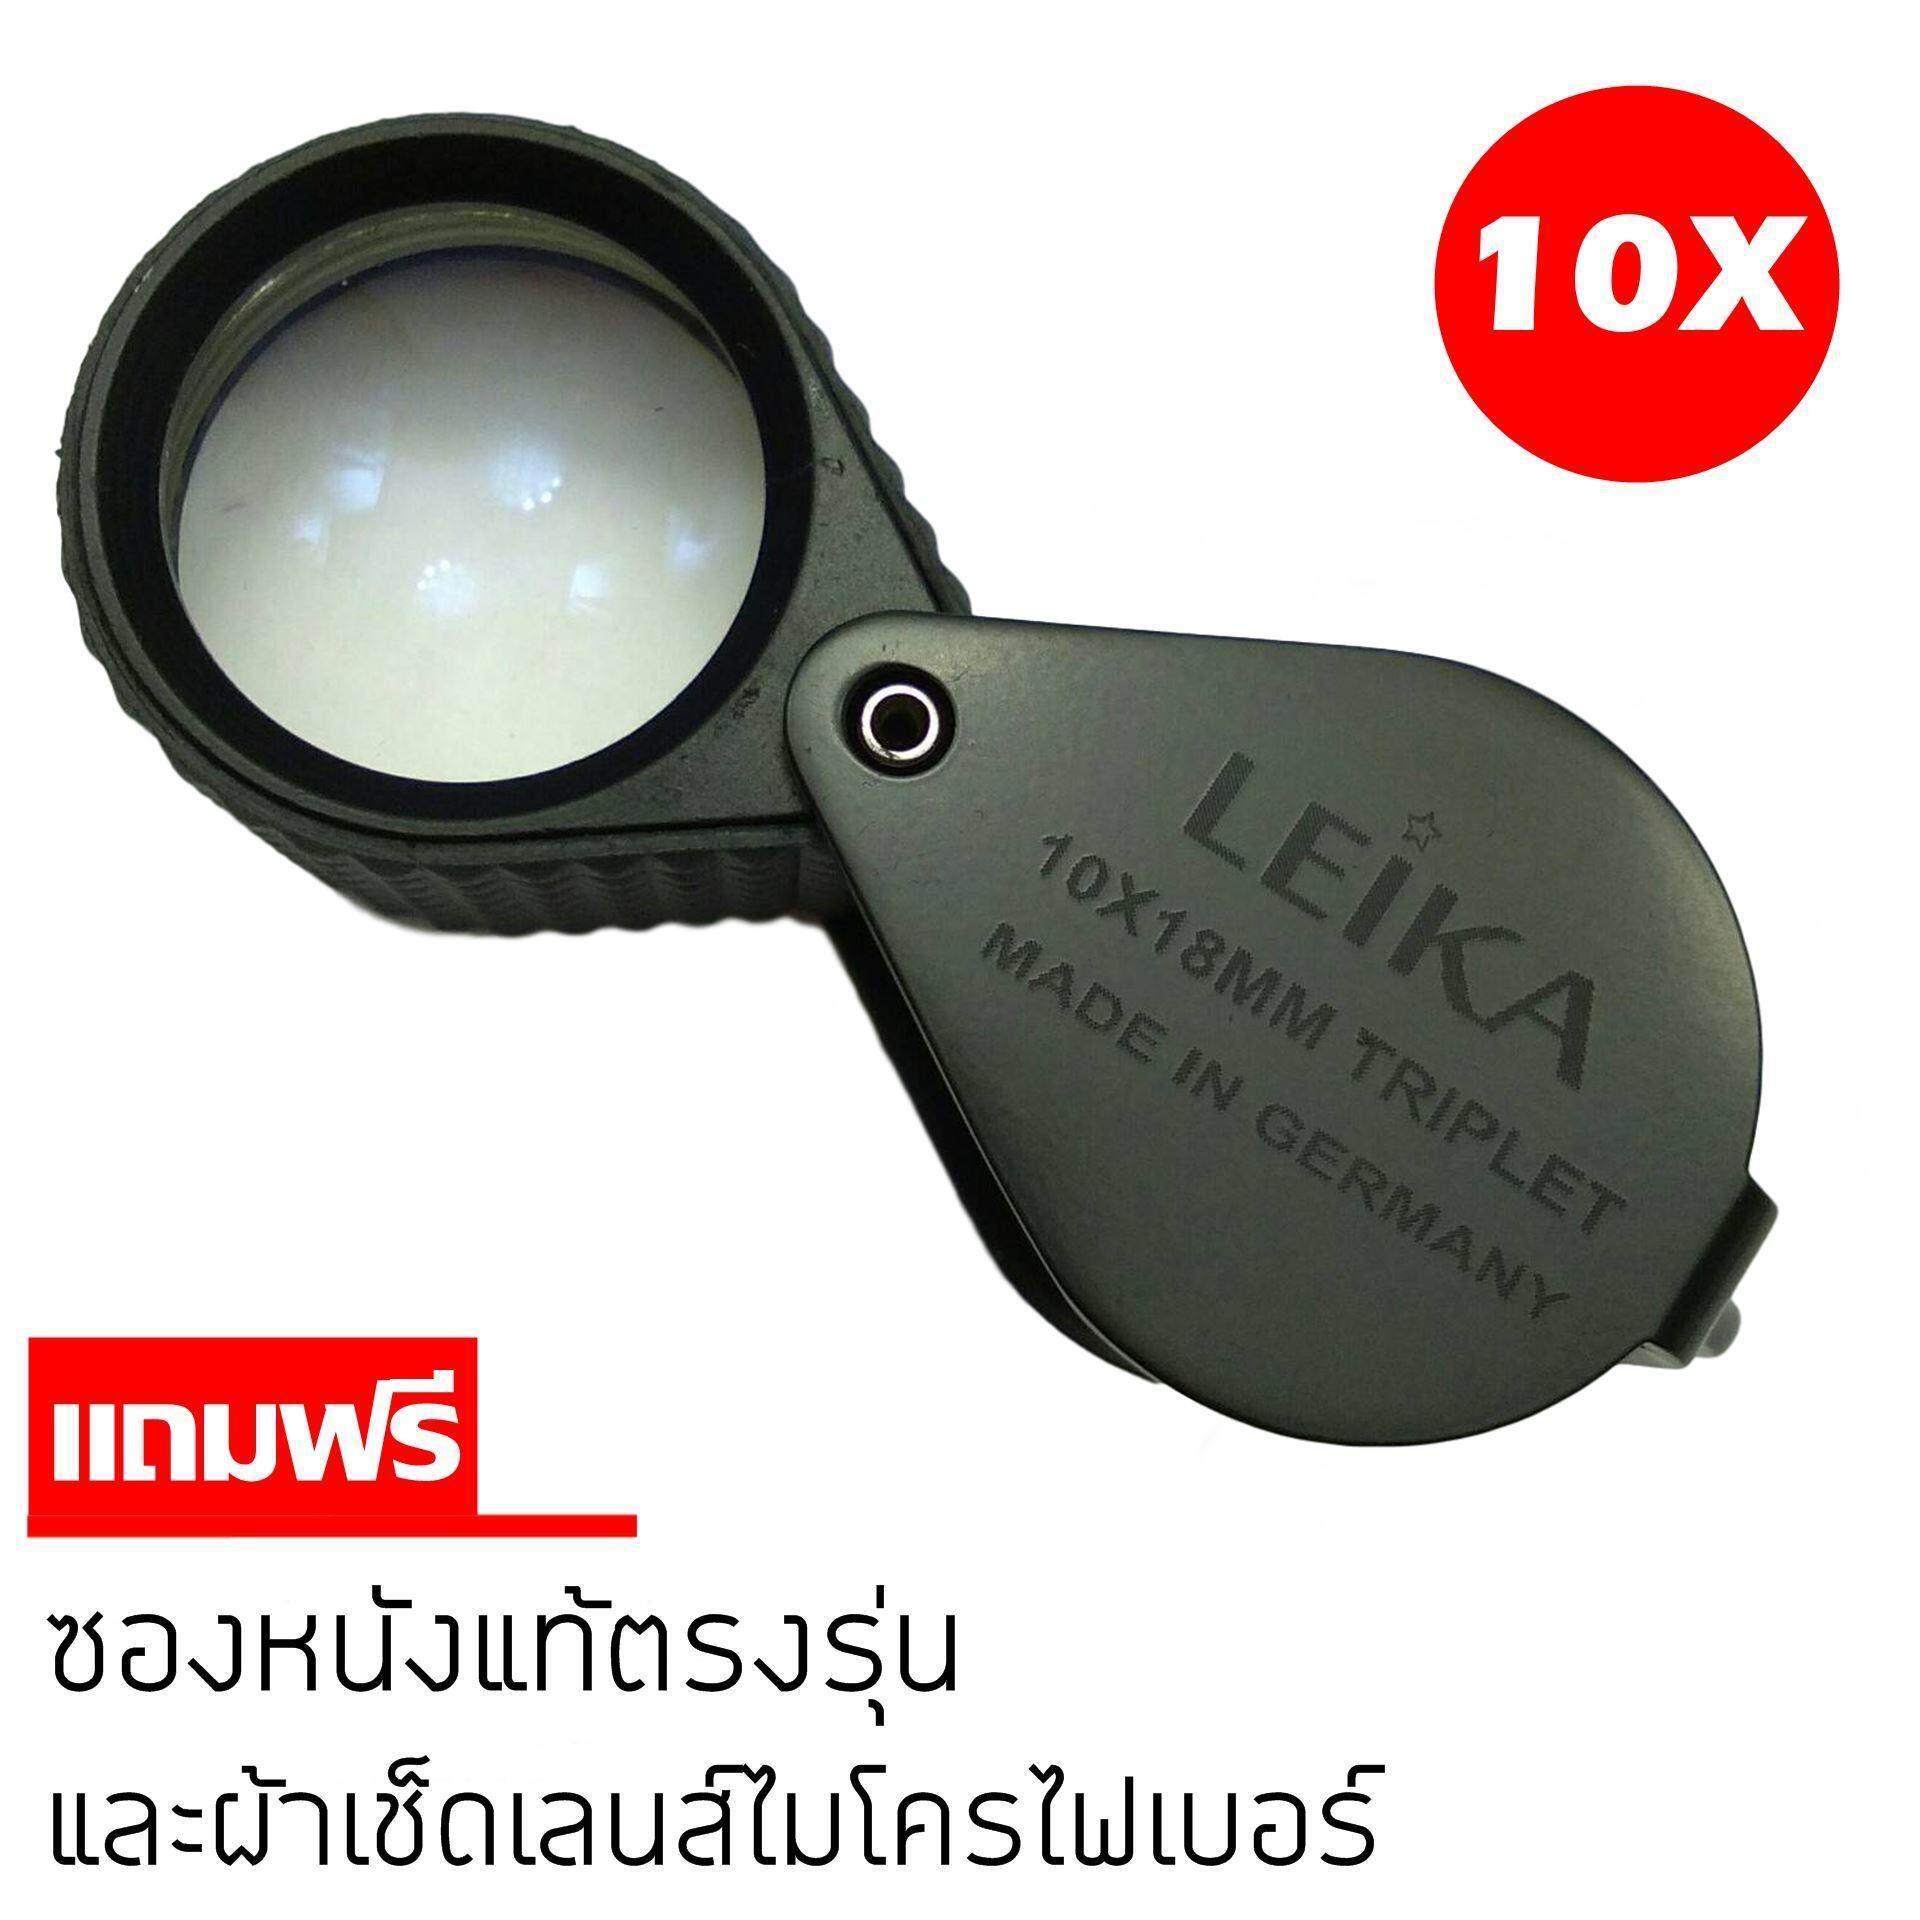 กล้องส่องพระ กล้องส่องเพชร Leika 10x18mm  ( สีดำหุ้มยาง )